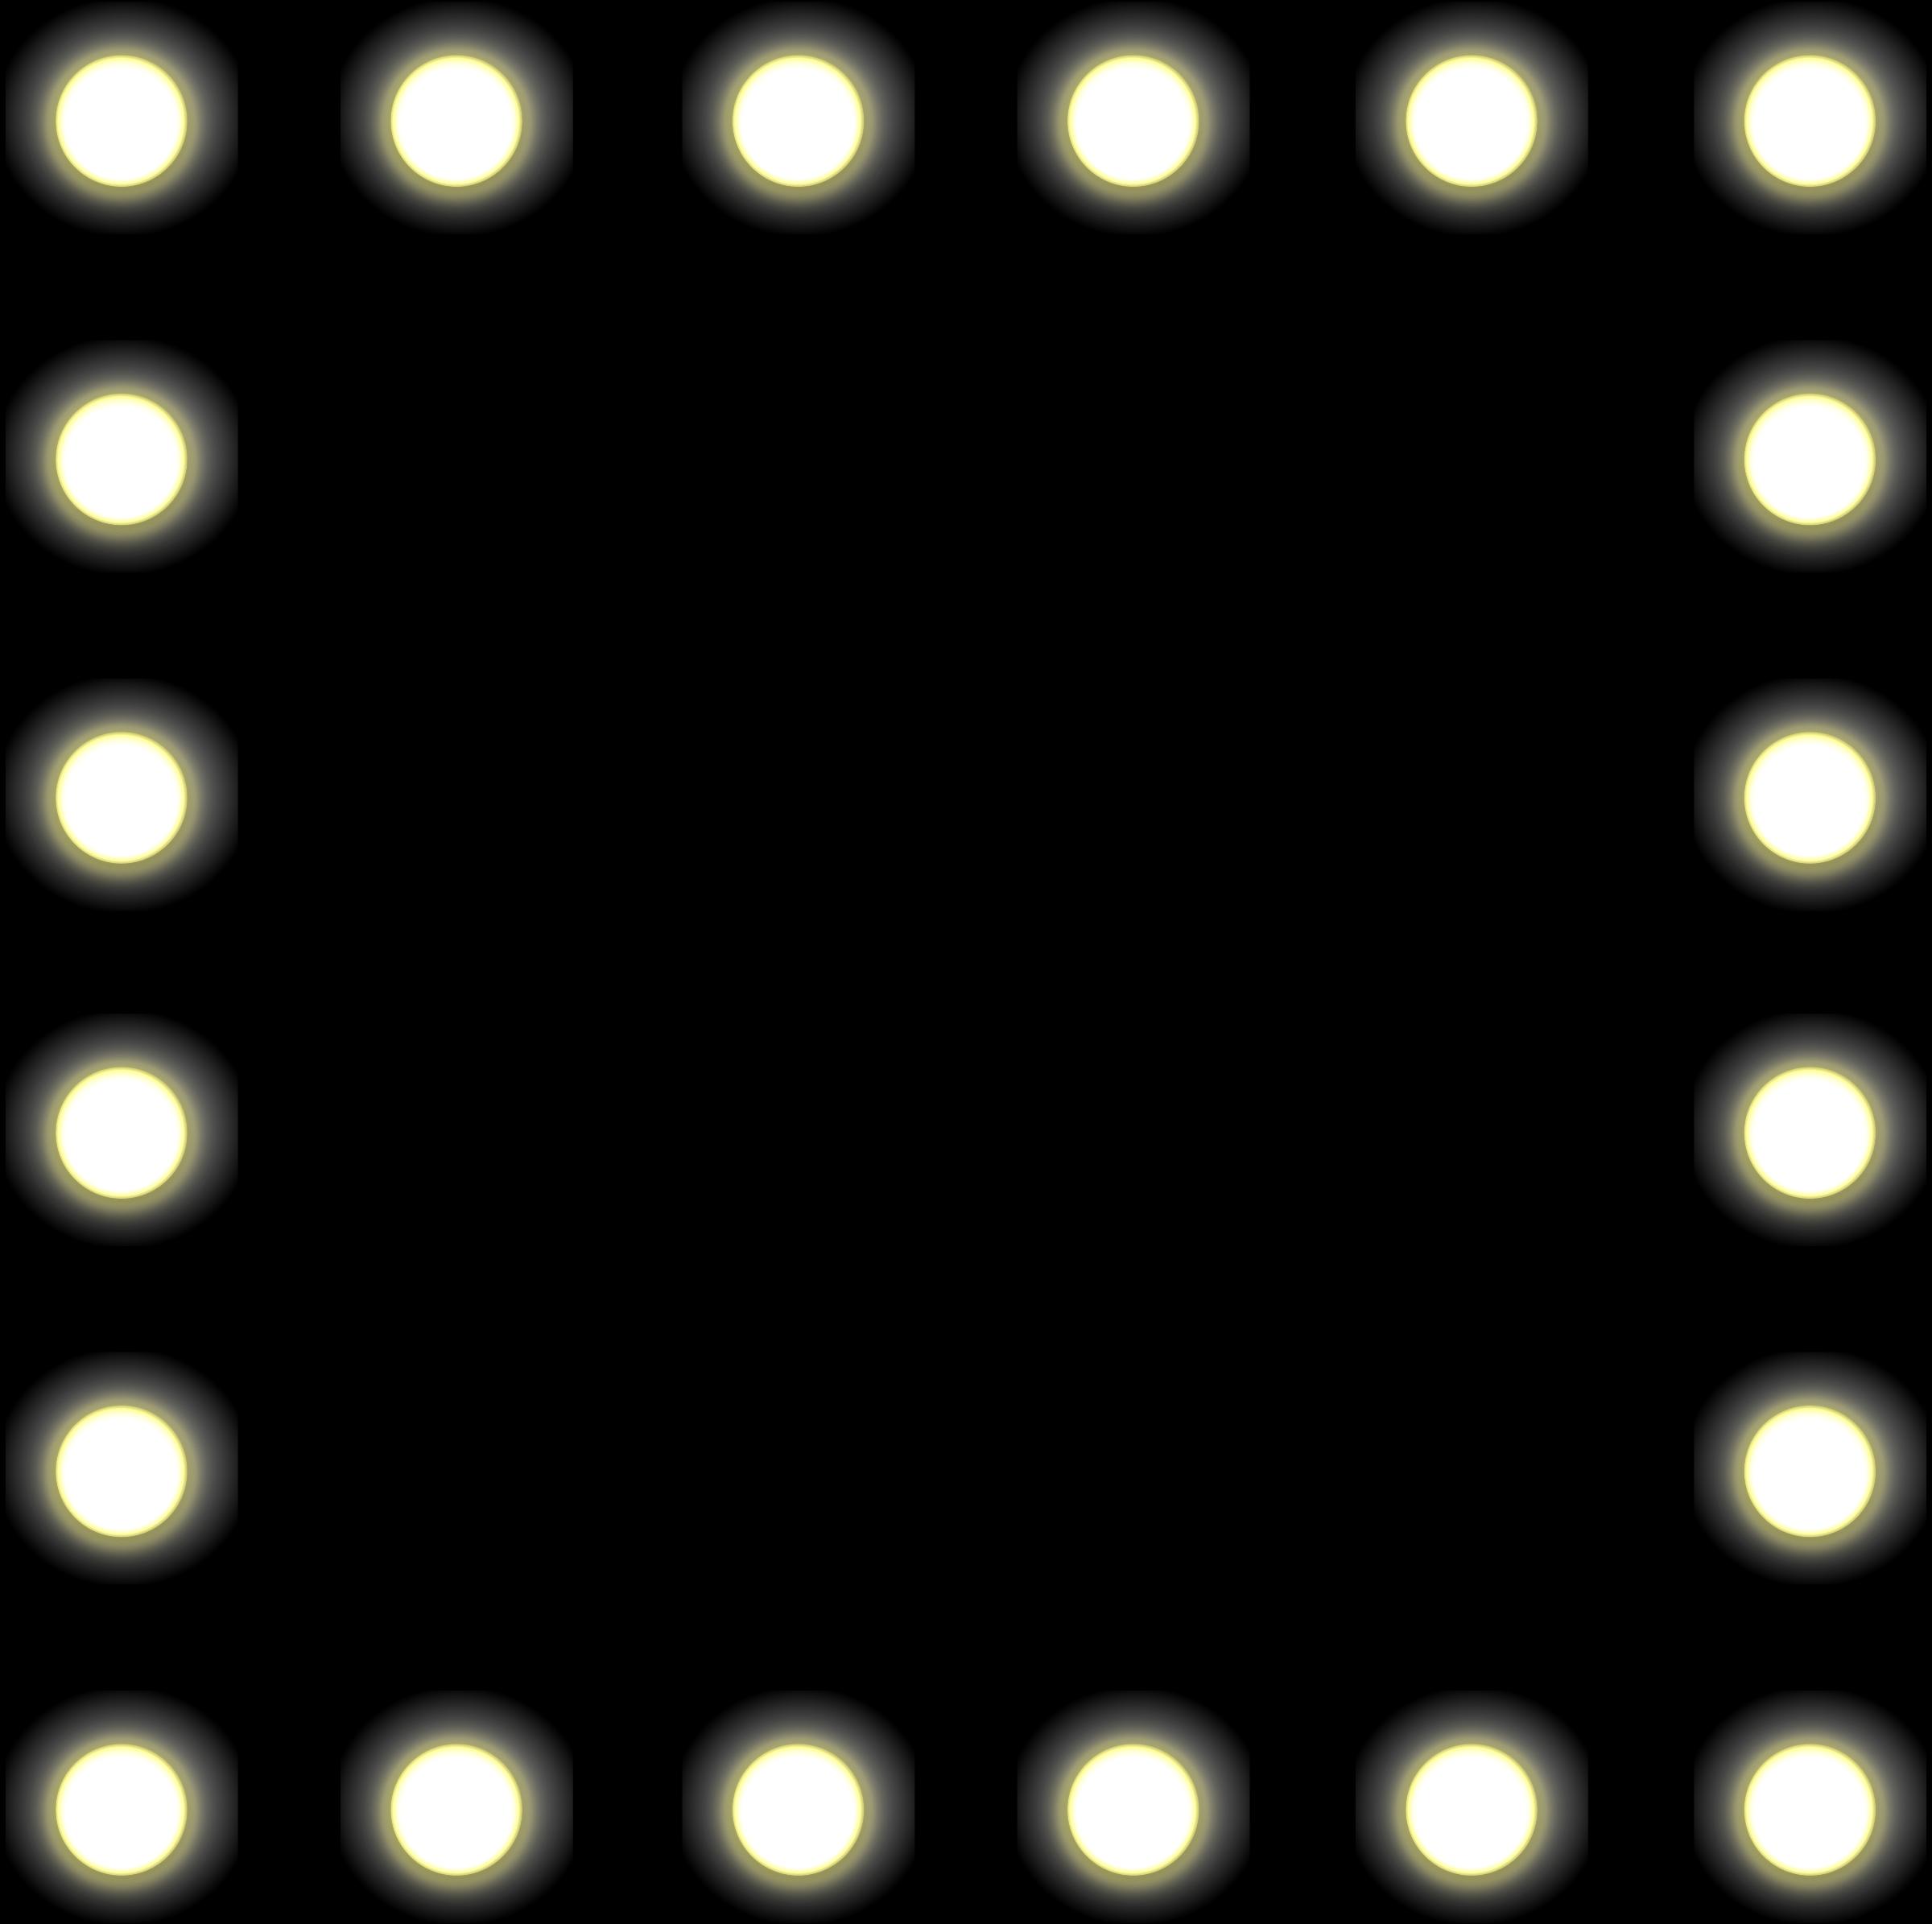 svg black and white stock Light clipart banner. Bulb border clip art.